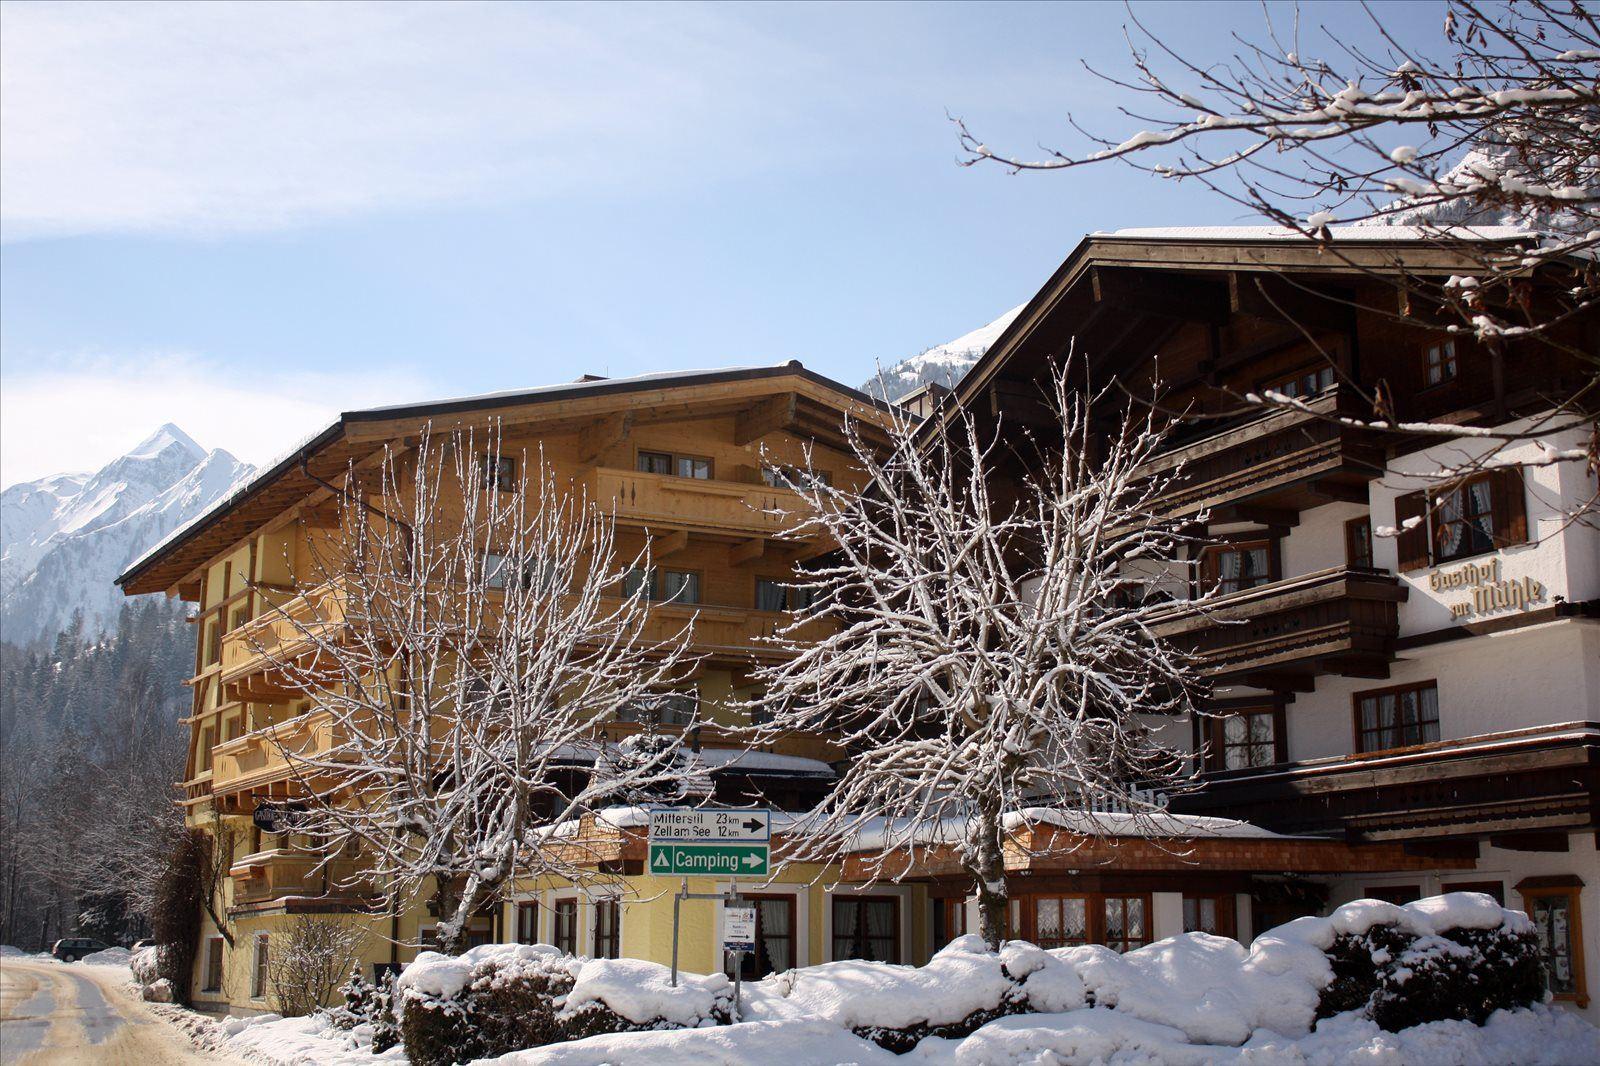 Hotel Gasthof Zur Mühle - Kaprun